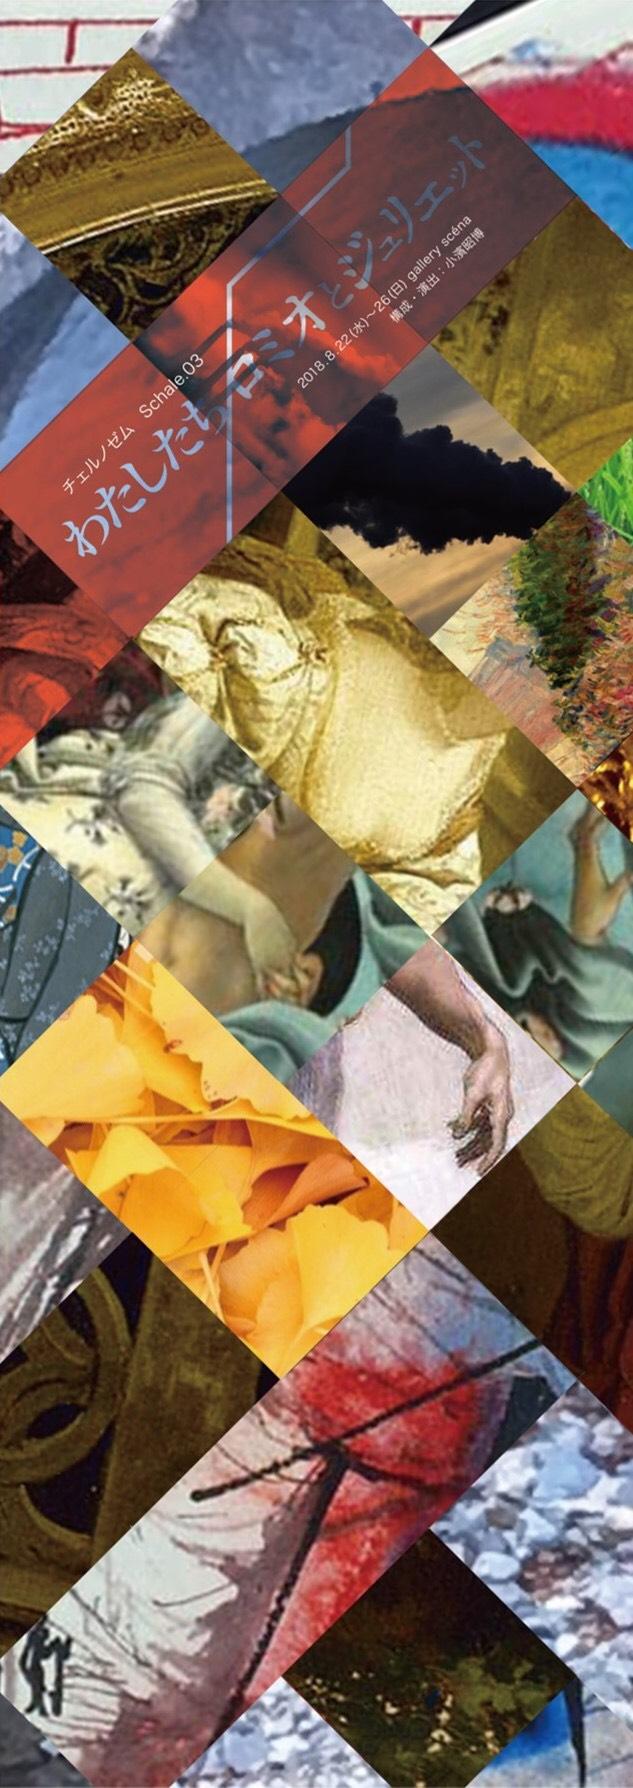 チェルノゼム 演劇公演 Schale.03「カルチベート・プロジェクト『わたしたち/ロミオとジュリエット』」 8/25